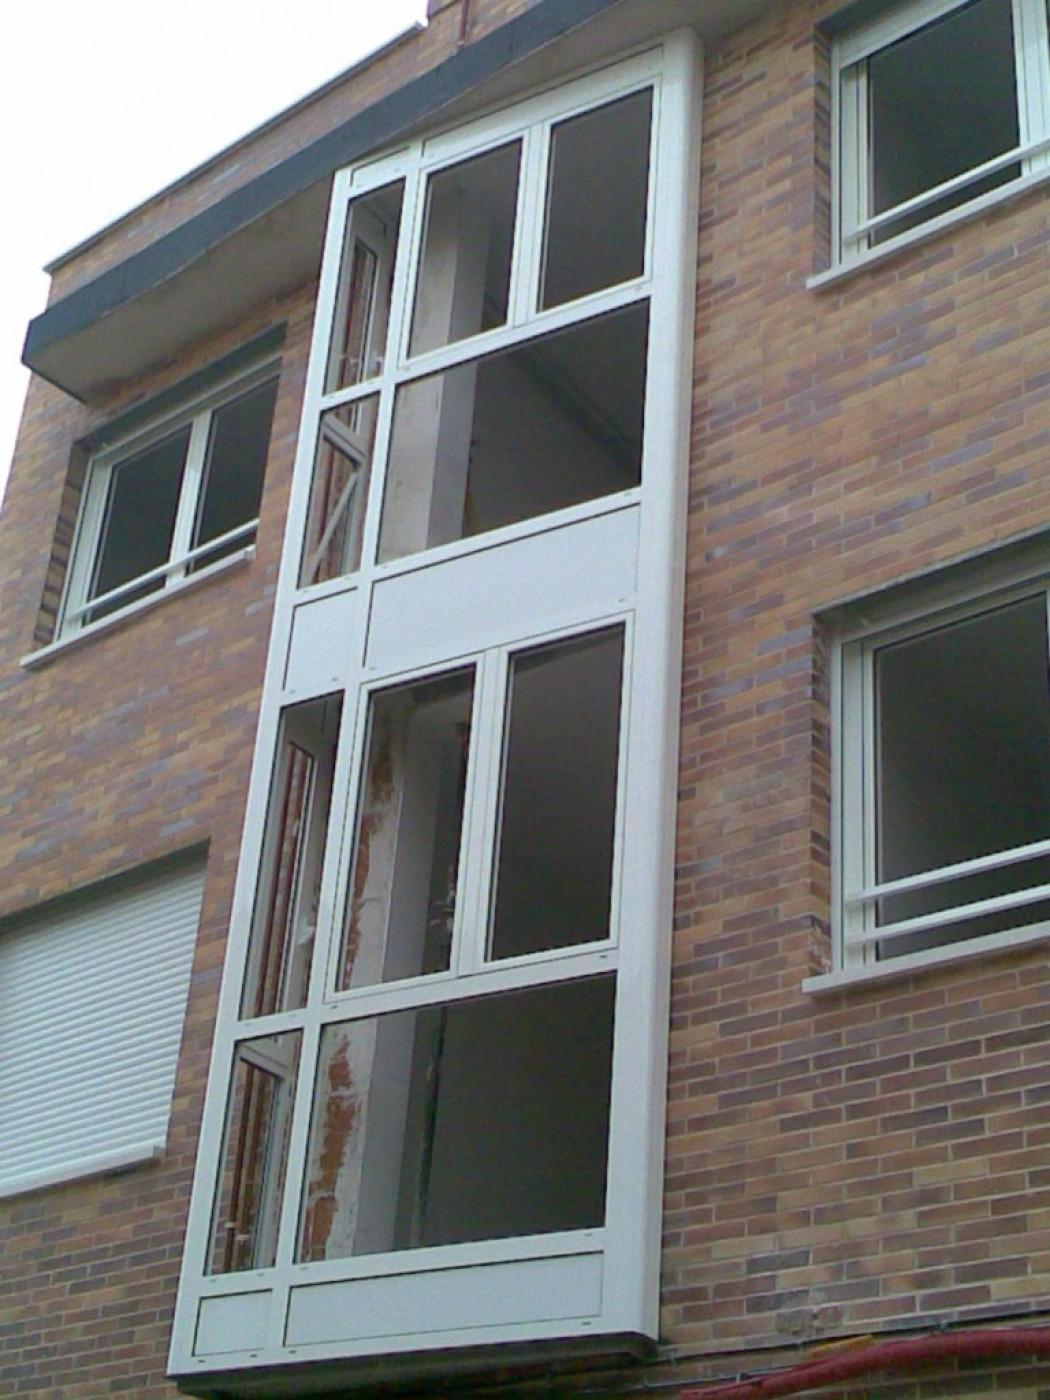 Instalación de ventanas y balcones aluminio completos en edificio de obra nueva